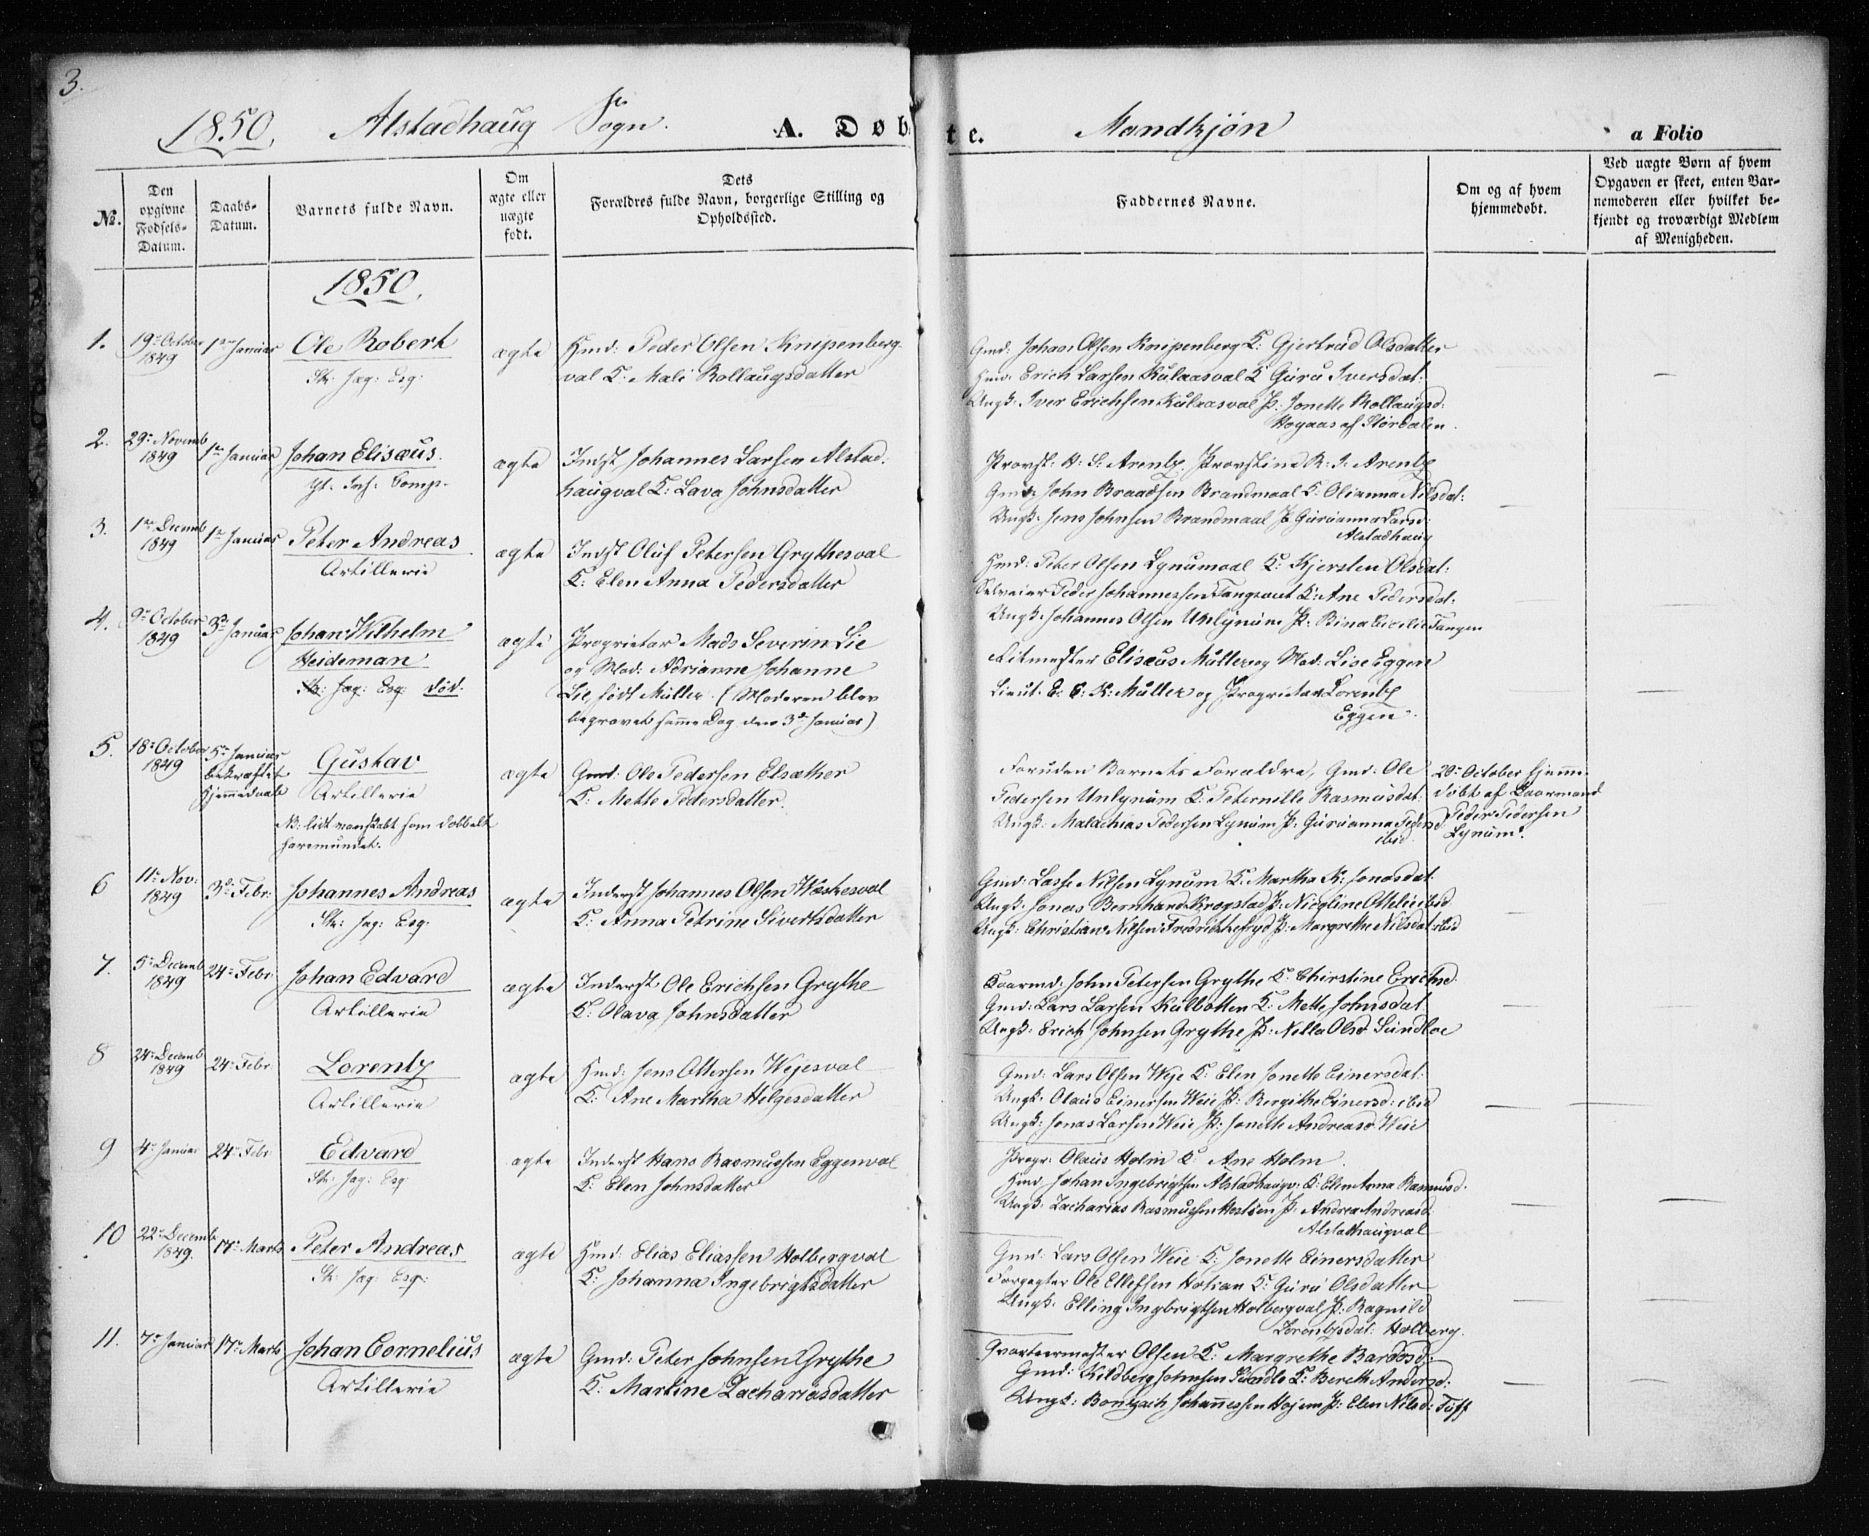 SAT, Ministerialprotokoller, klokkerbøker og fødselsregistre - Nord-Trøndelag, 717/L0154: Ministerialbok nr. 717A07 /1, 1850-1862, s. 3